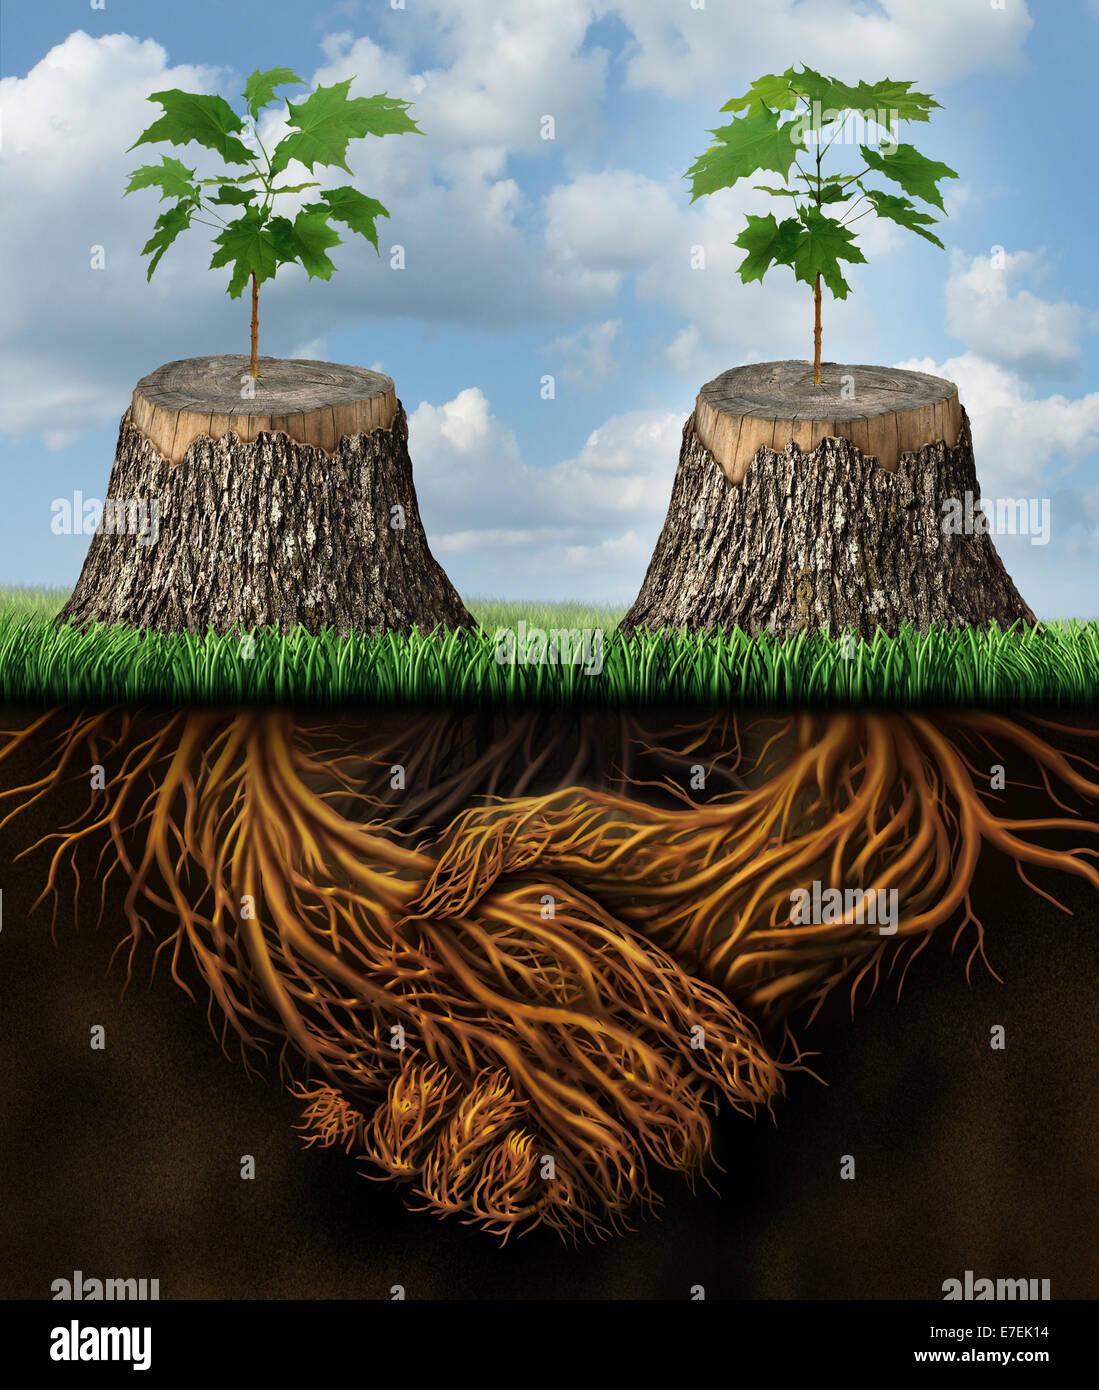 Aiutando l un l altro come un vantaggio reciproco supporto business il concetto di gruppo come due alberi tagliati Immagini Stock